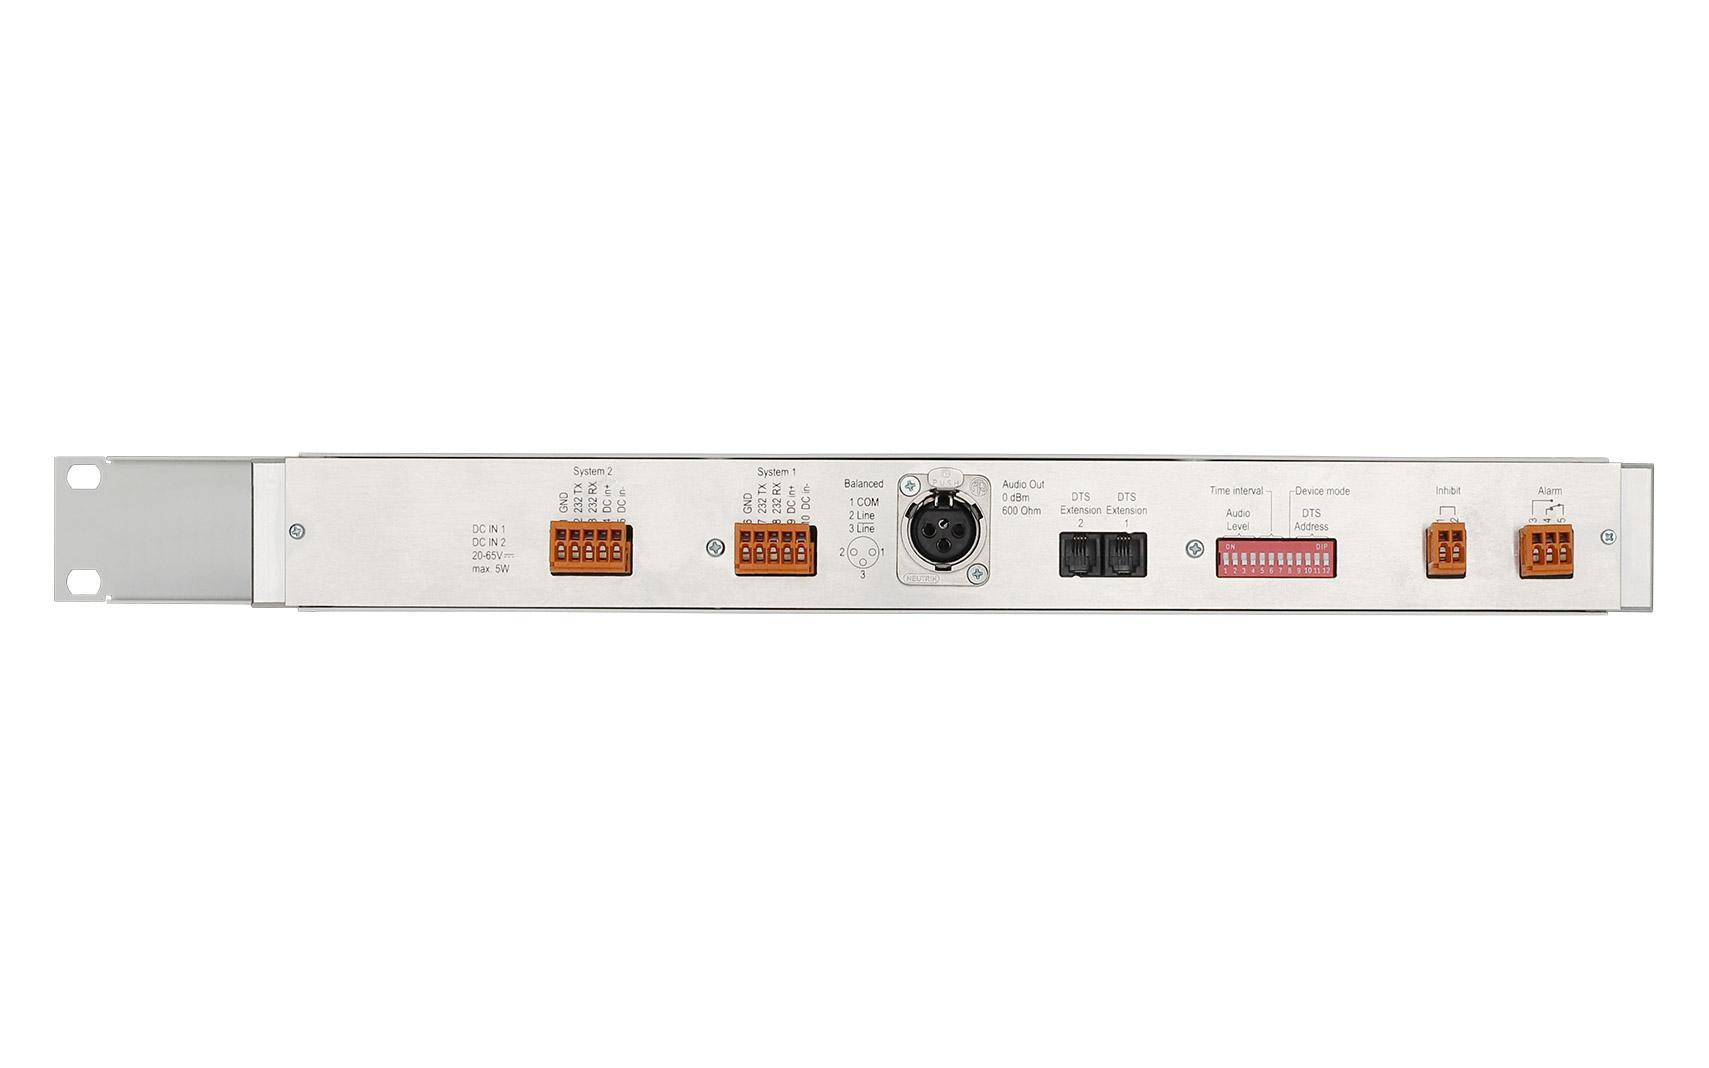 AL-07 8 Pin DCC socket